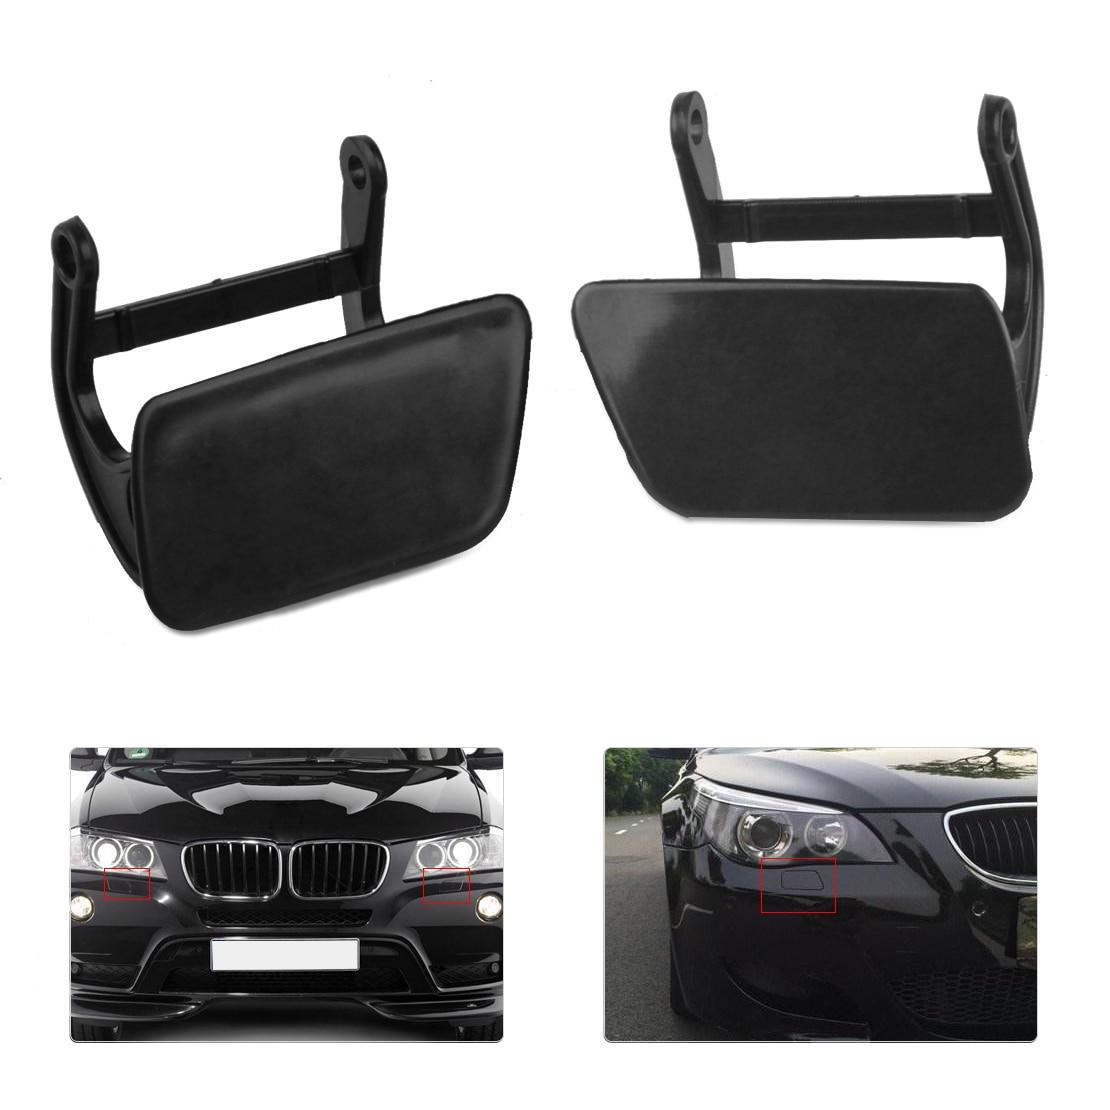 DWCX 2Pcs Car Black Headlight Washer Nozzle Cover Cap 51117060586 51 11 7 060 586 fit For BMW E60 E61 525i 528i 545i 550i 535xi